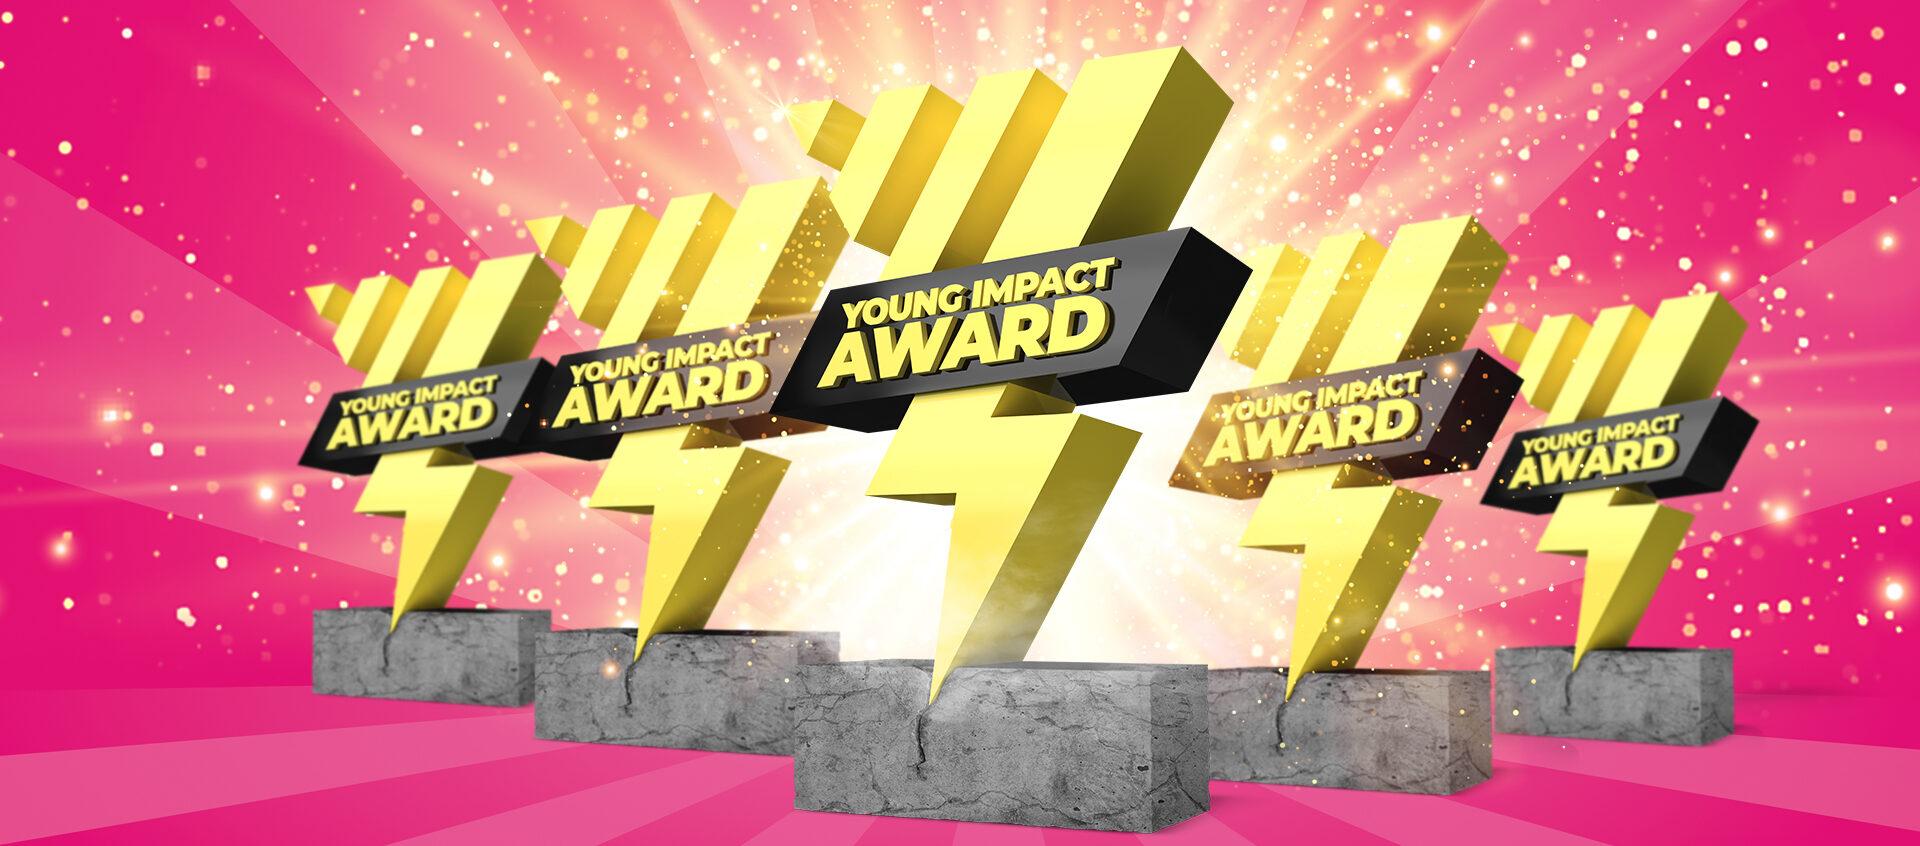 Je kunt nú stemmen voor de Young Impact Awards 2021